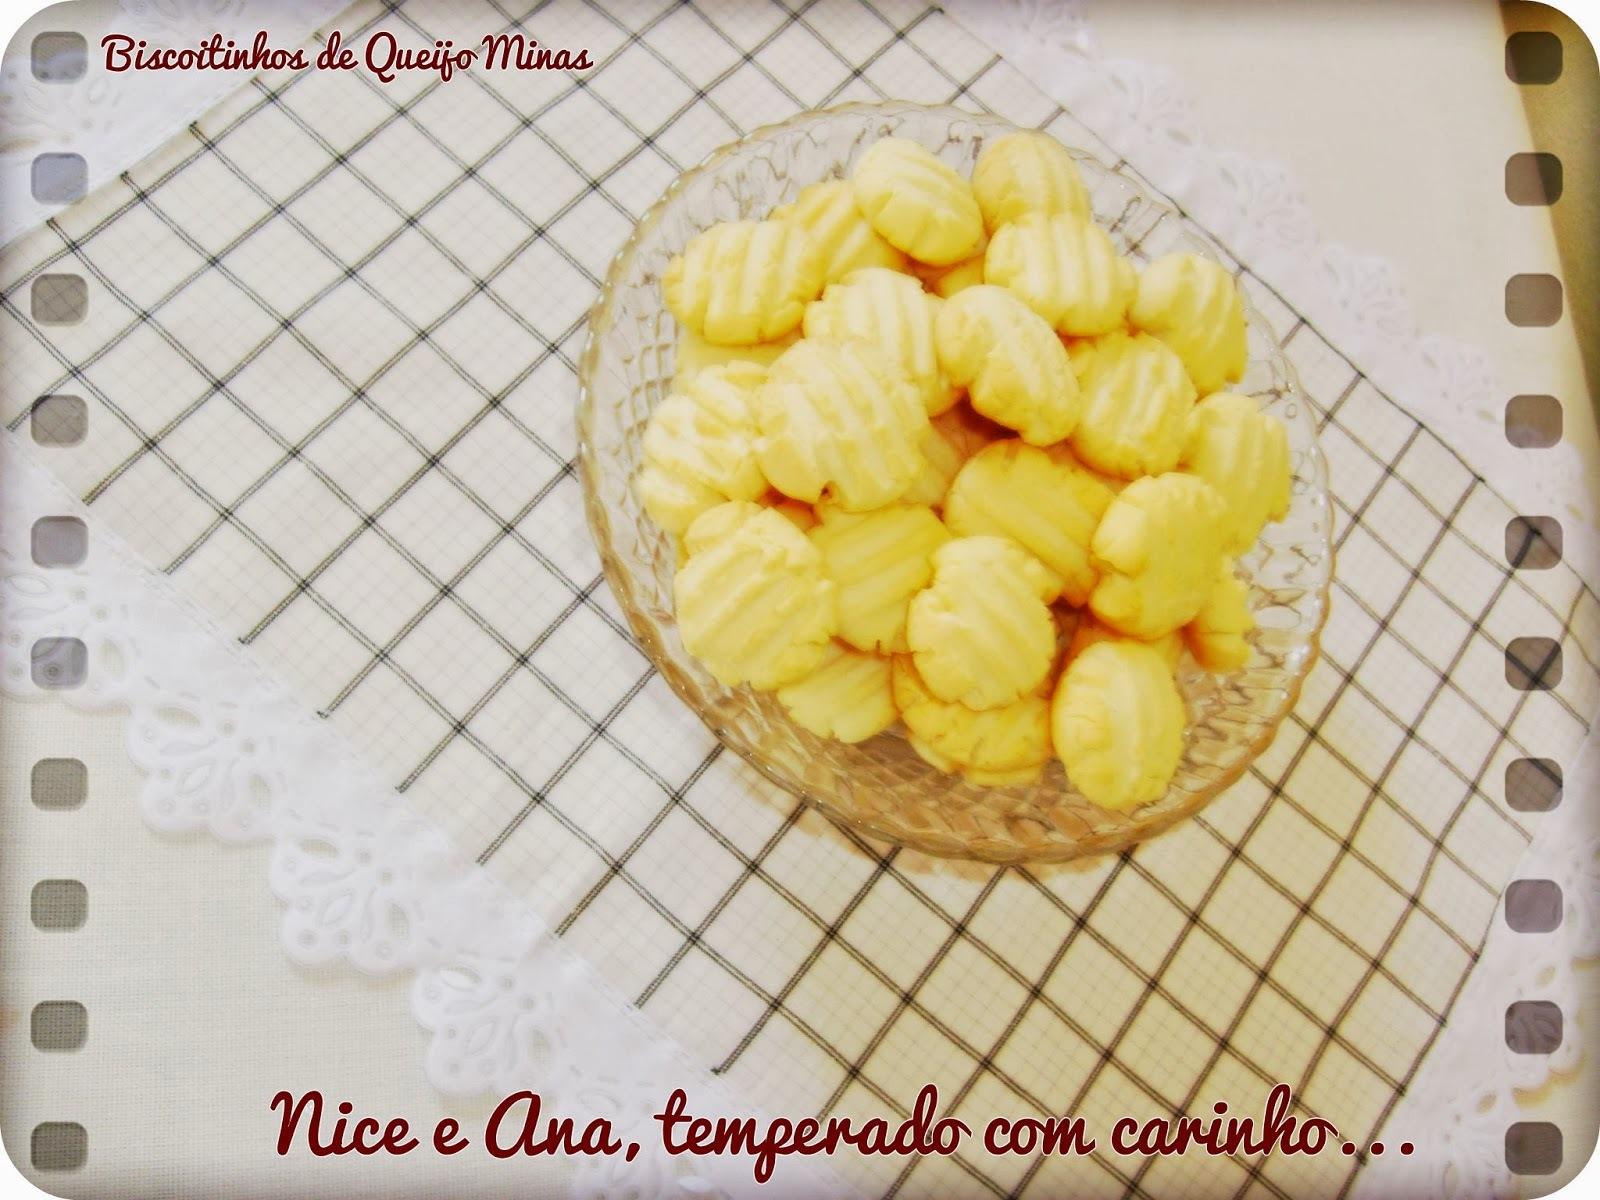 Biscoitinhos de Queijo Minas